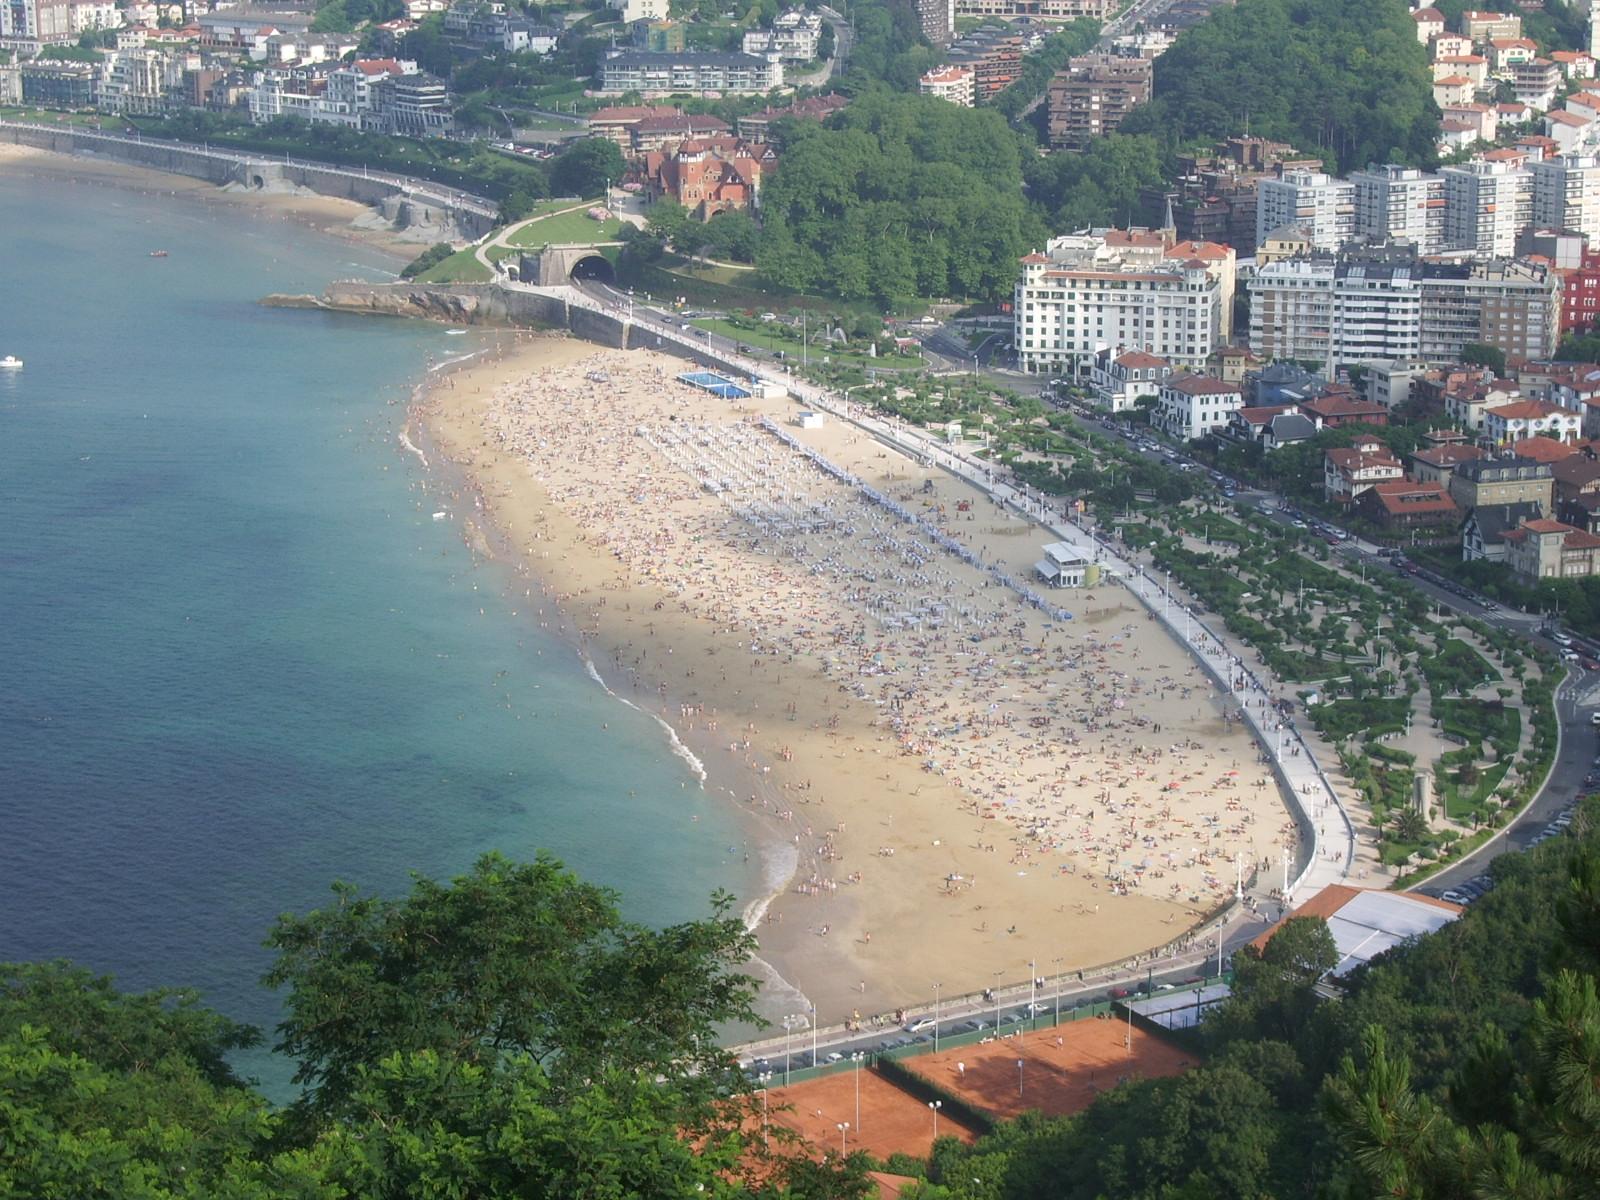 Playa de ondarreta wikipedia la enciclopedia libre - Clima en donostia san sebastian ...